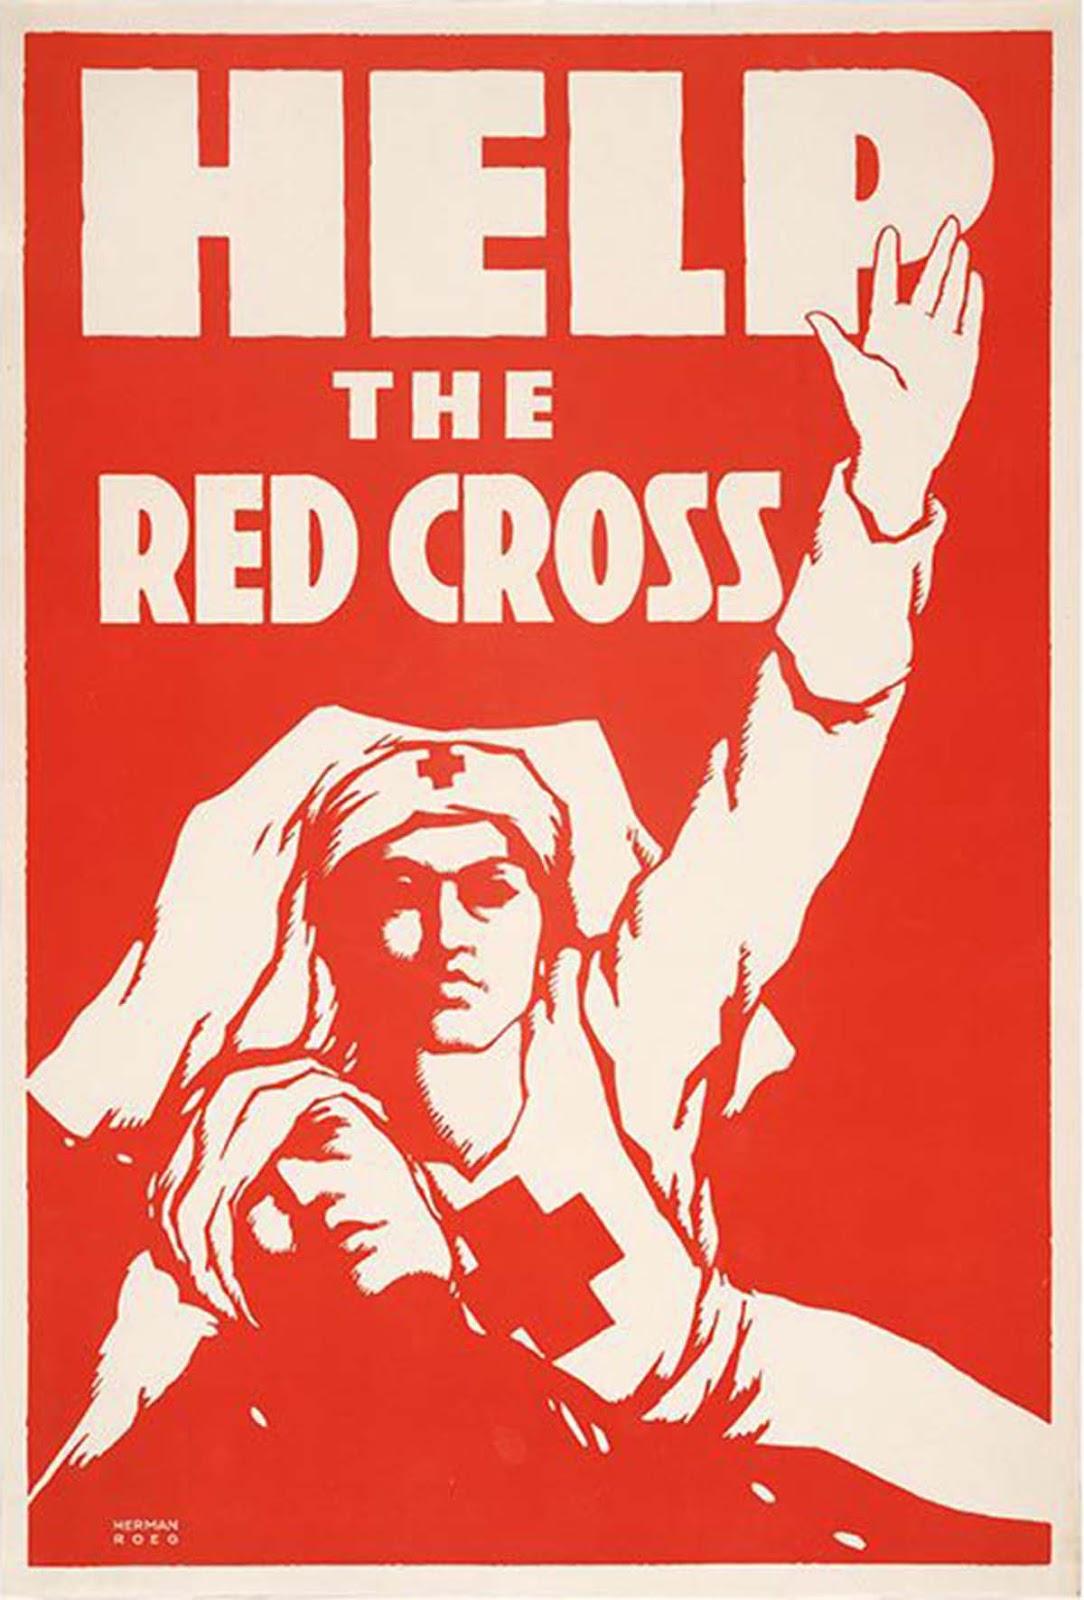 Help the Red Cross, ca. 1917, Herman Roeg.